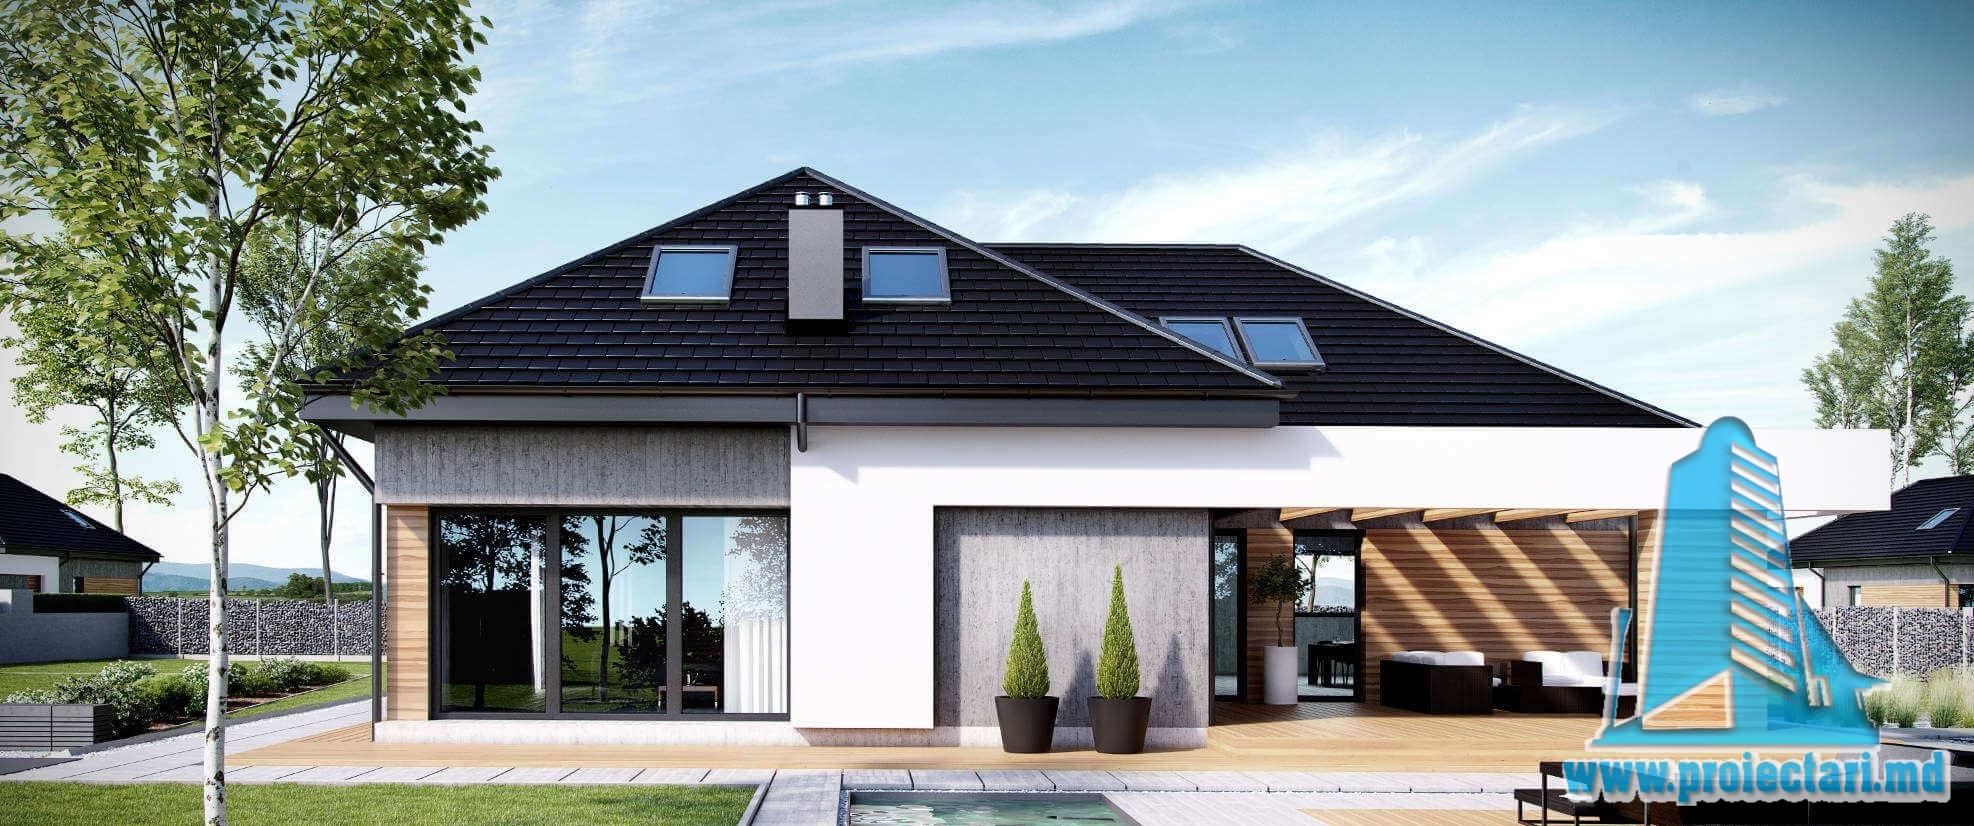 Casa cu parter, mansarda si garaj pentru doua automobile-431 m2-101031